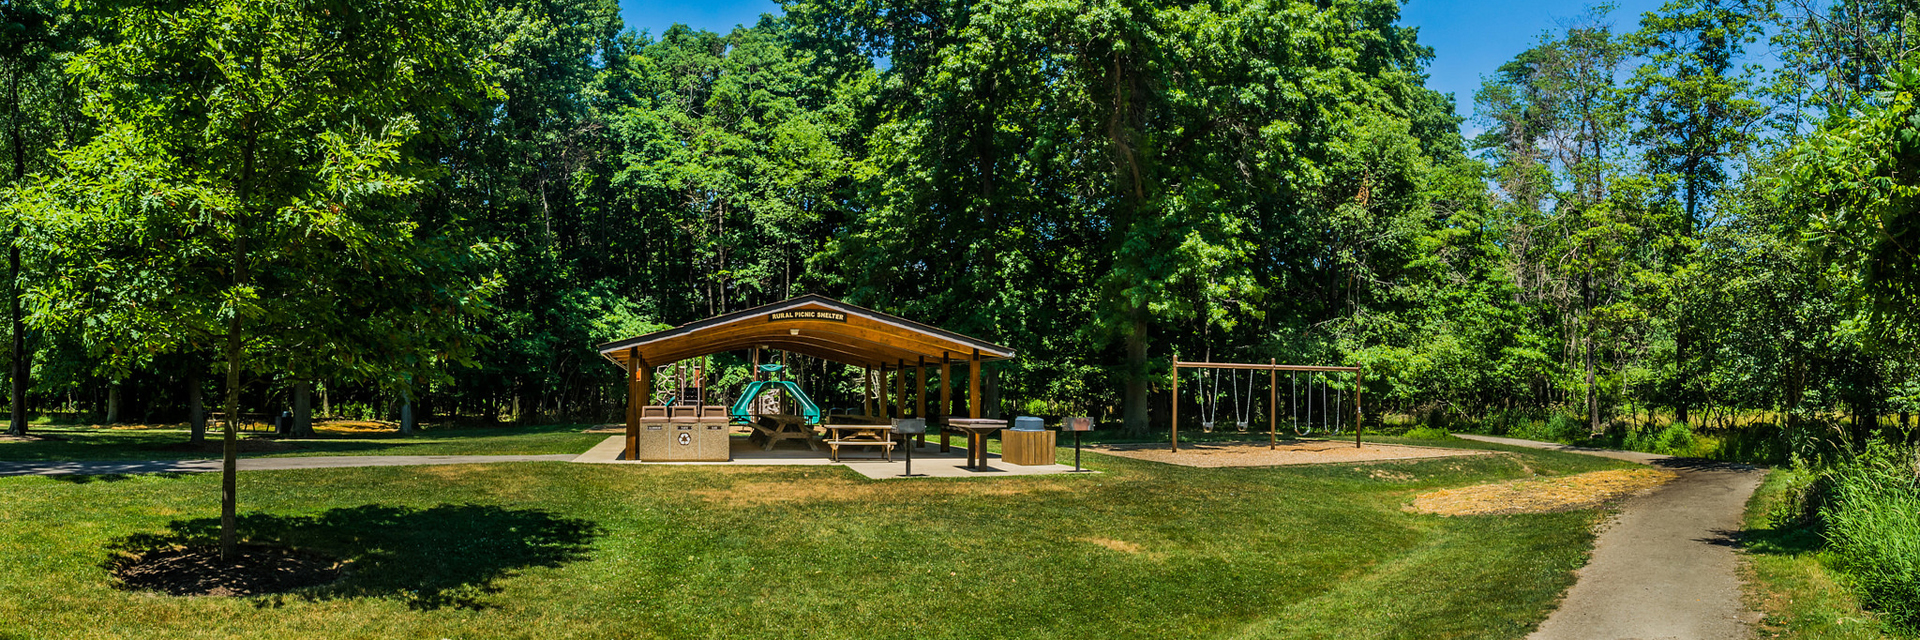 Reservable Chagrin River Park Rural Drive Shelter